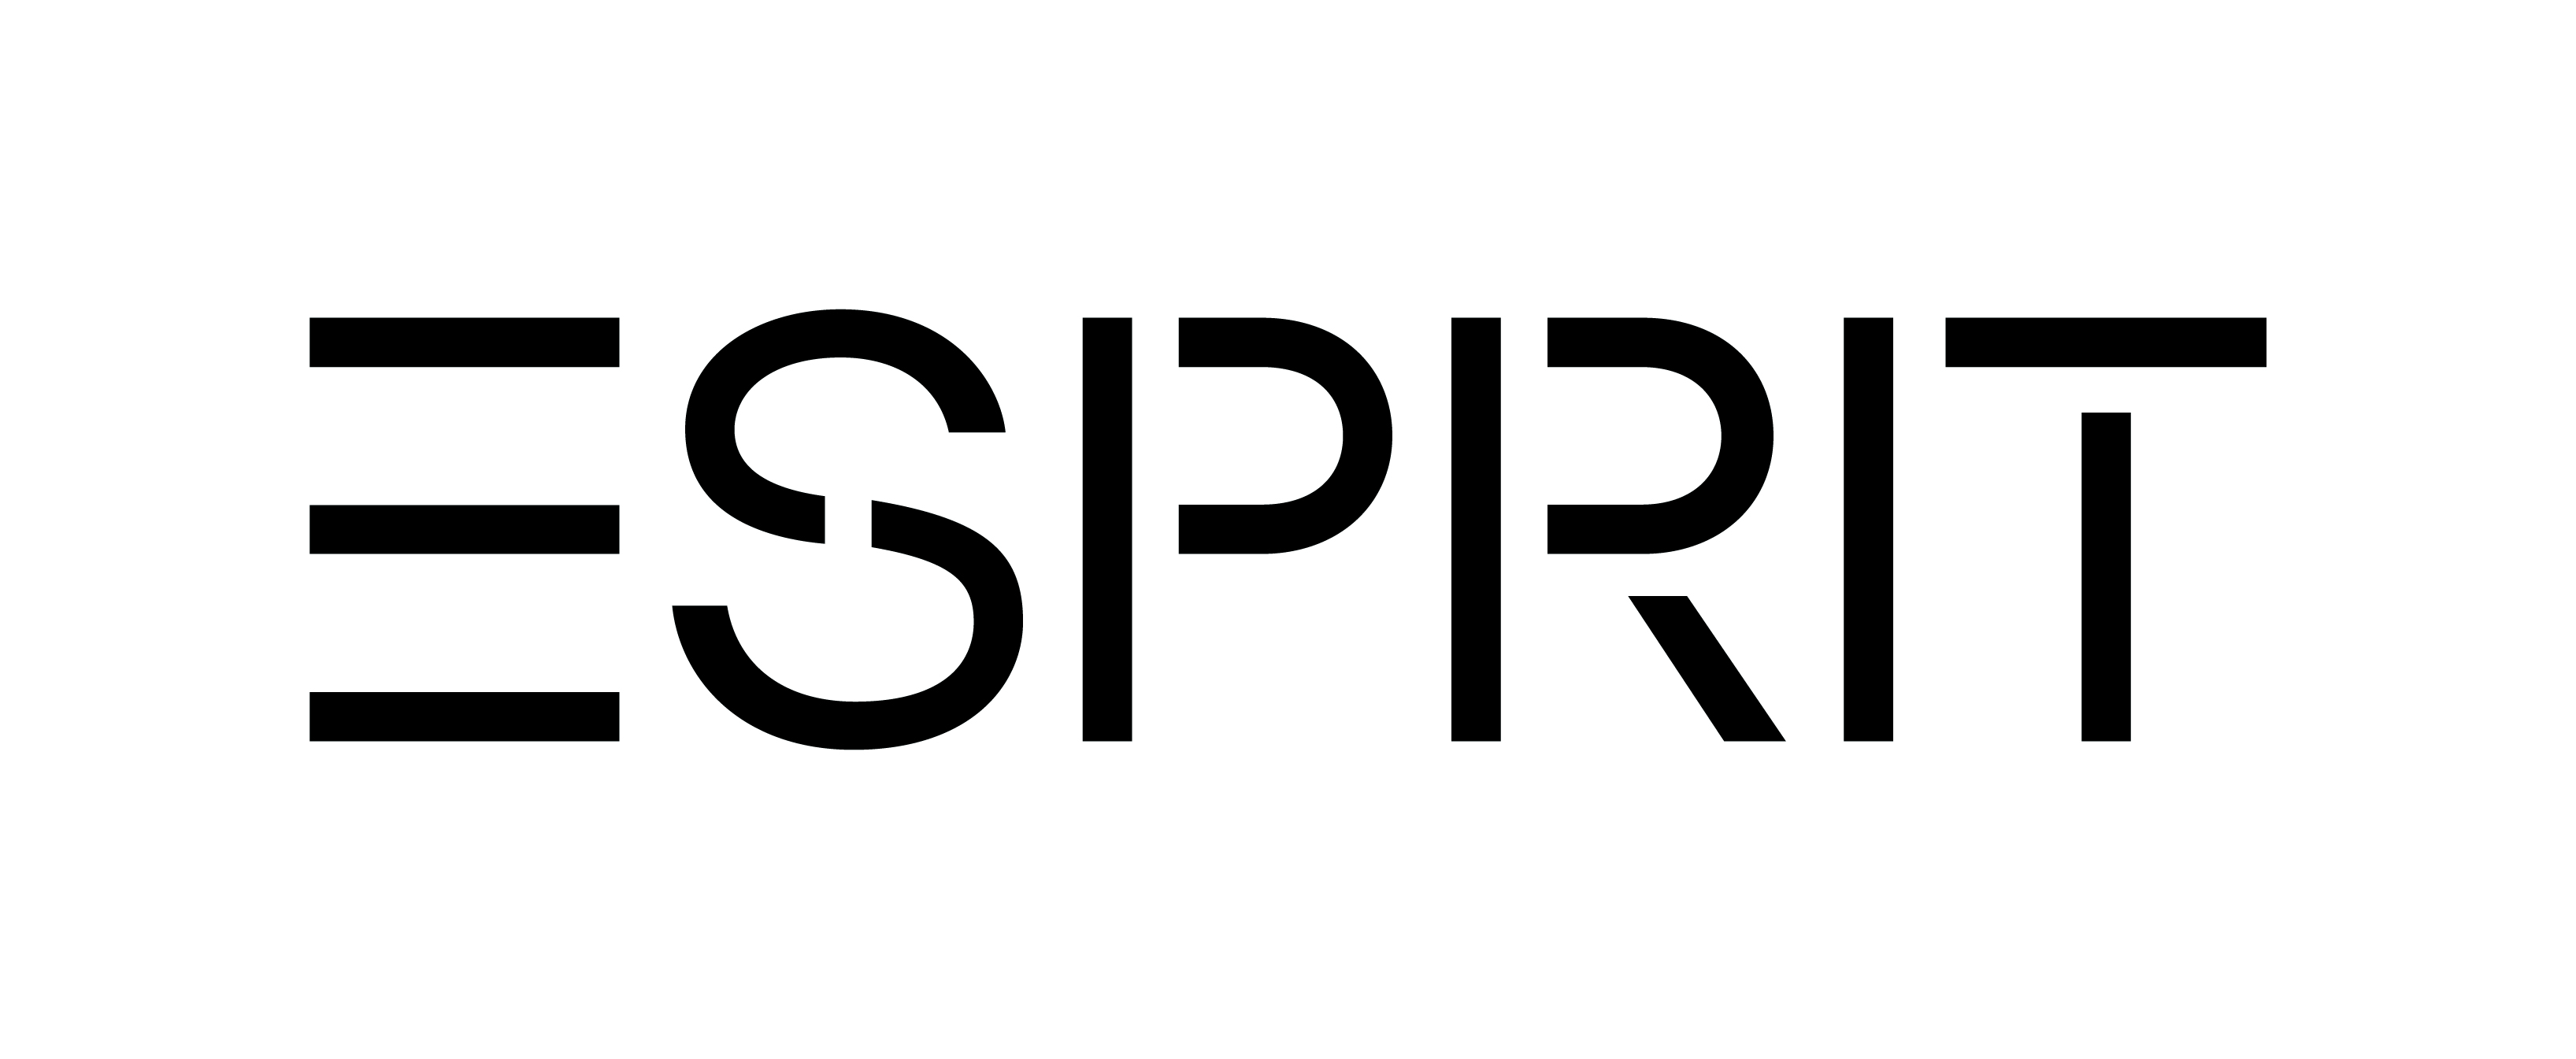 letzter Rabatt Schuhe für billige verrückter Preis Esprit im Forum Hanau